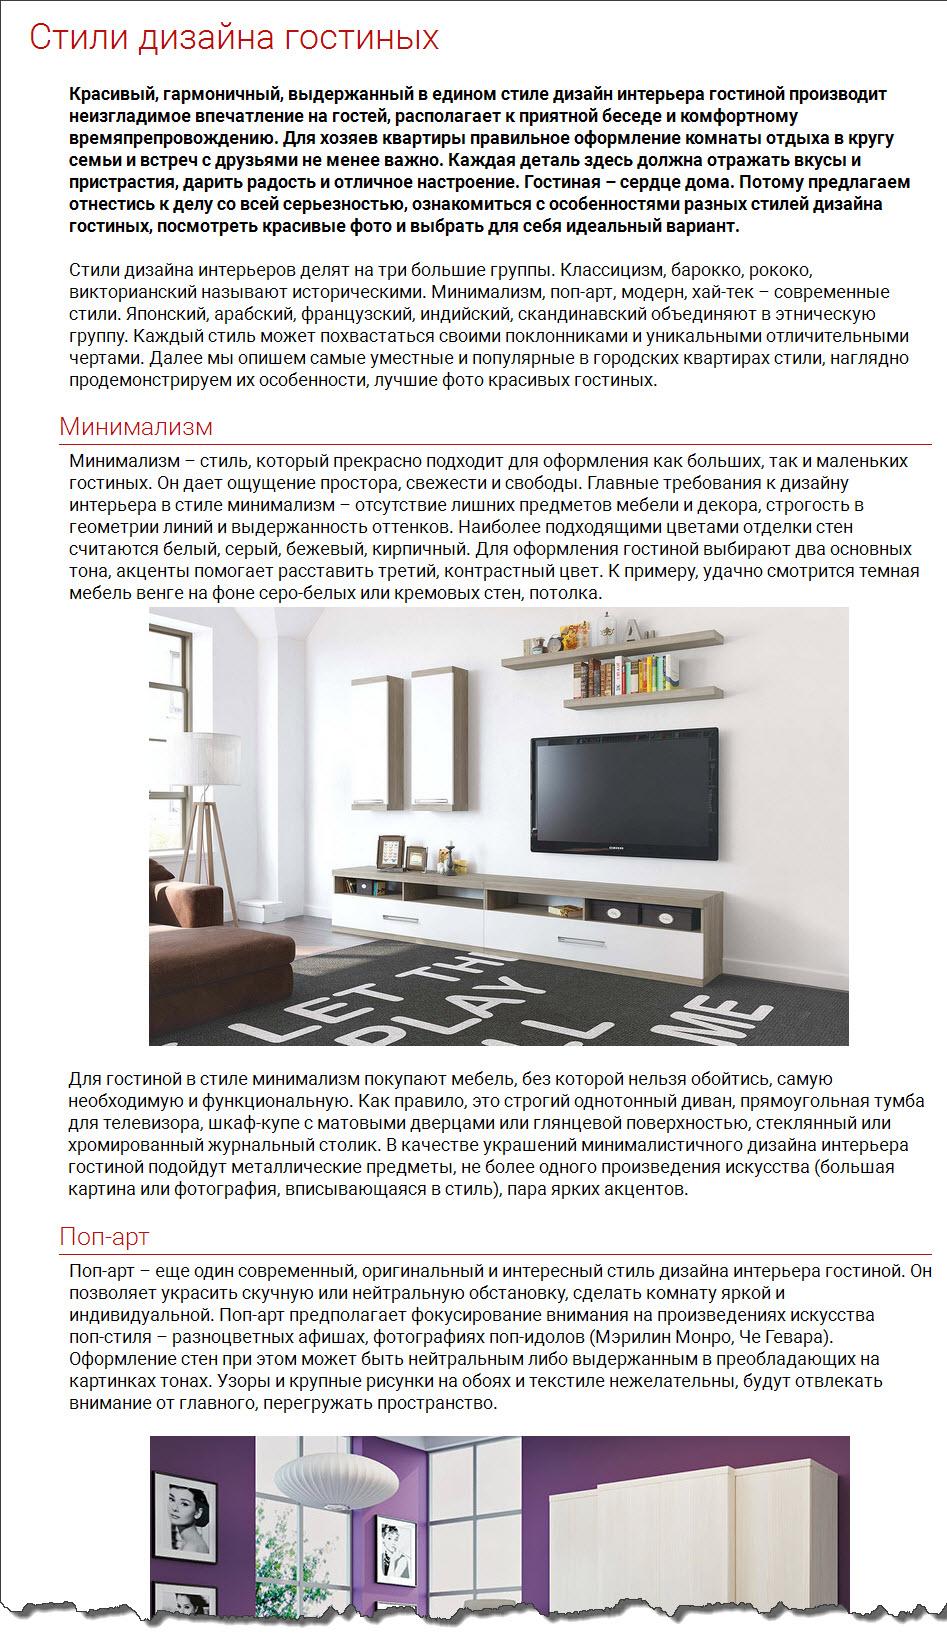 Стили дизайна гостиных